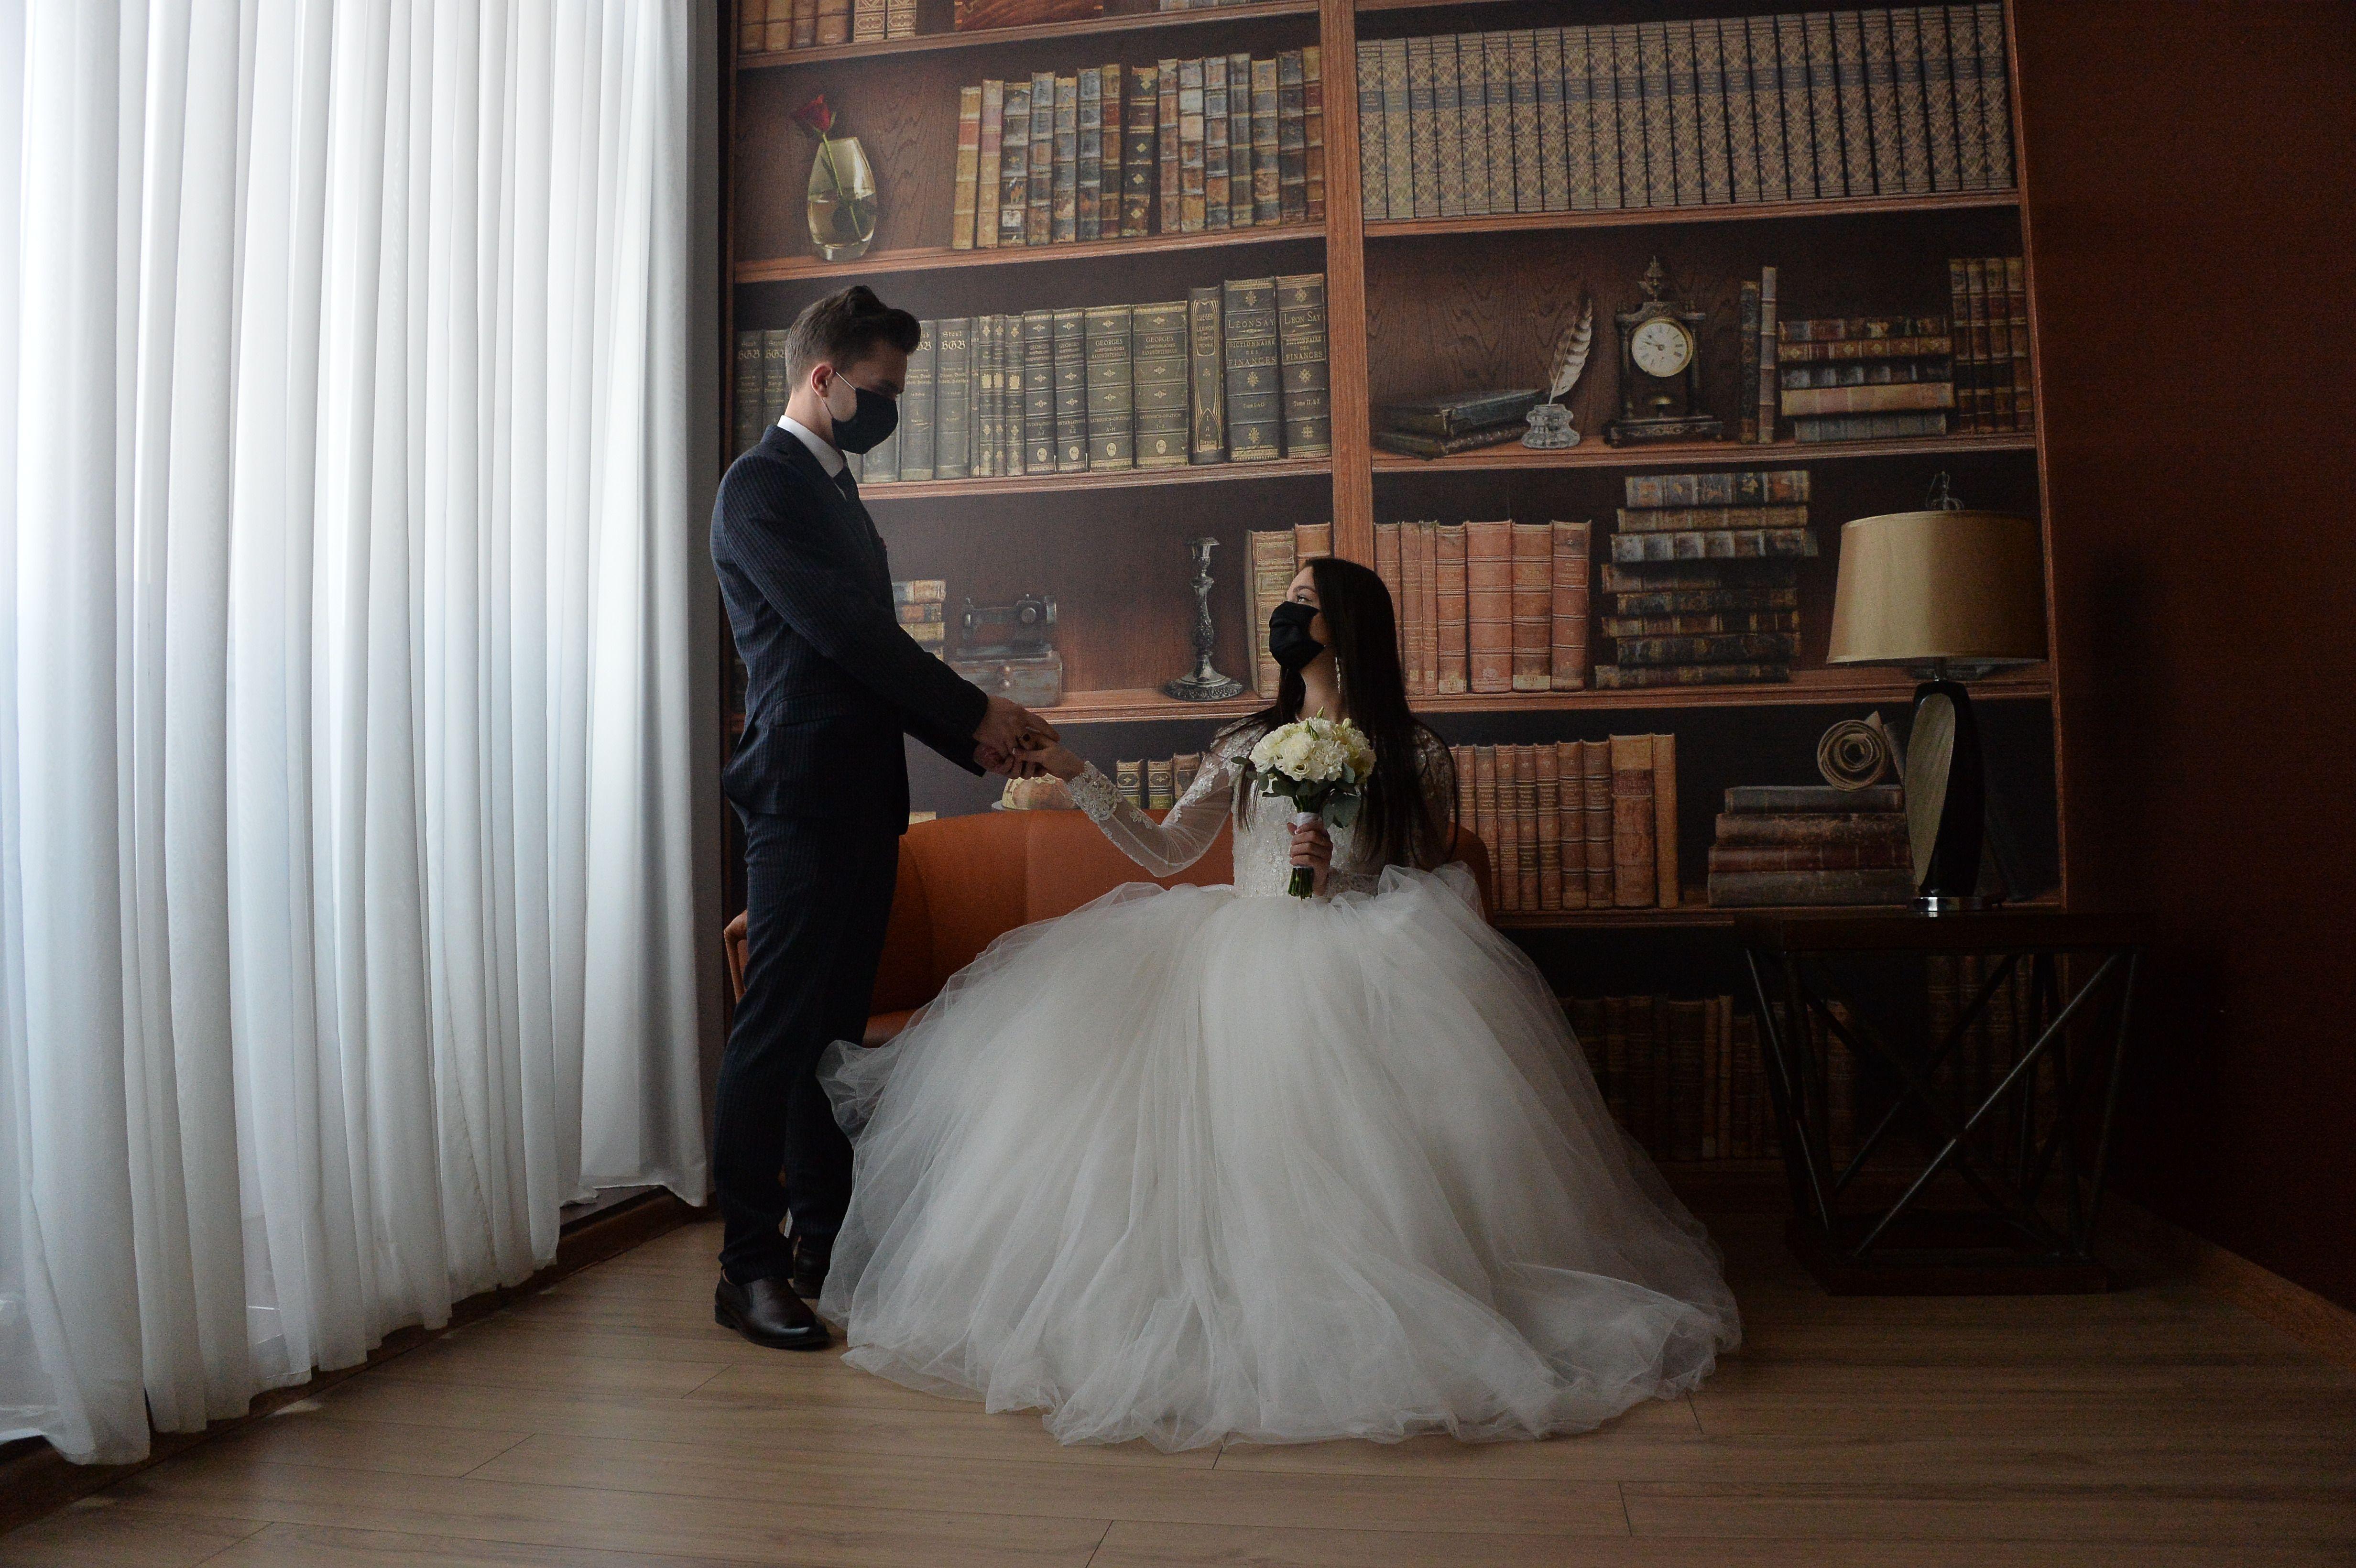 Фотофакт: Свадьба вдвоем